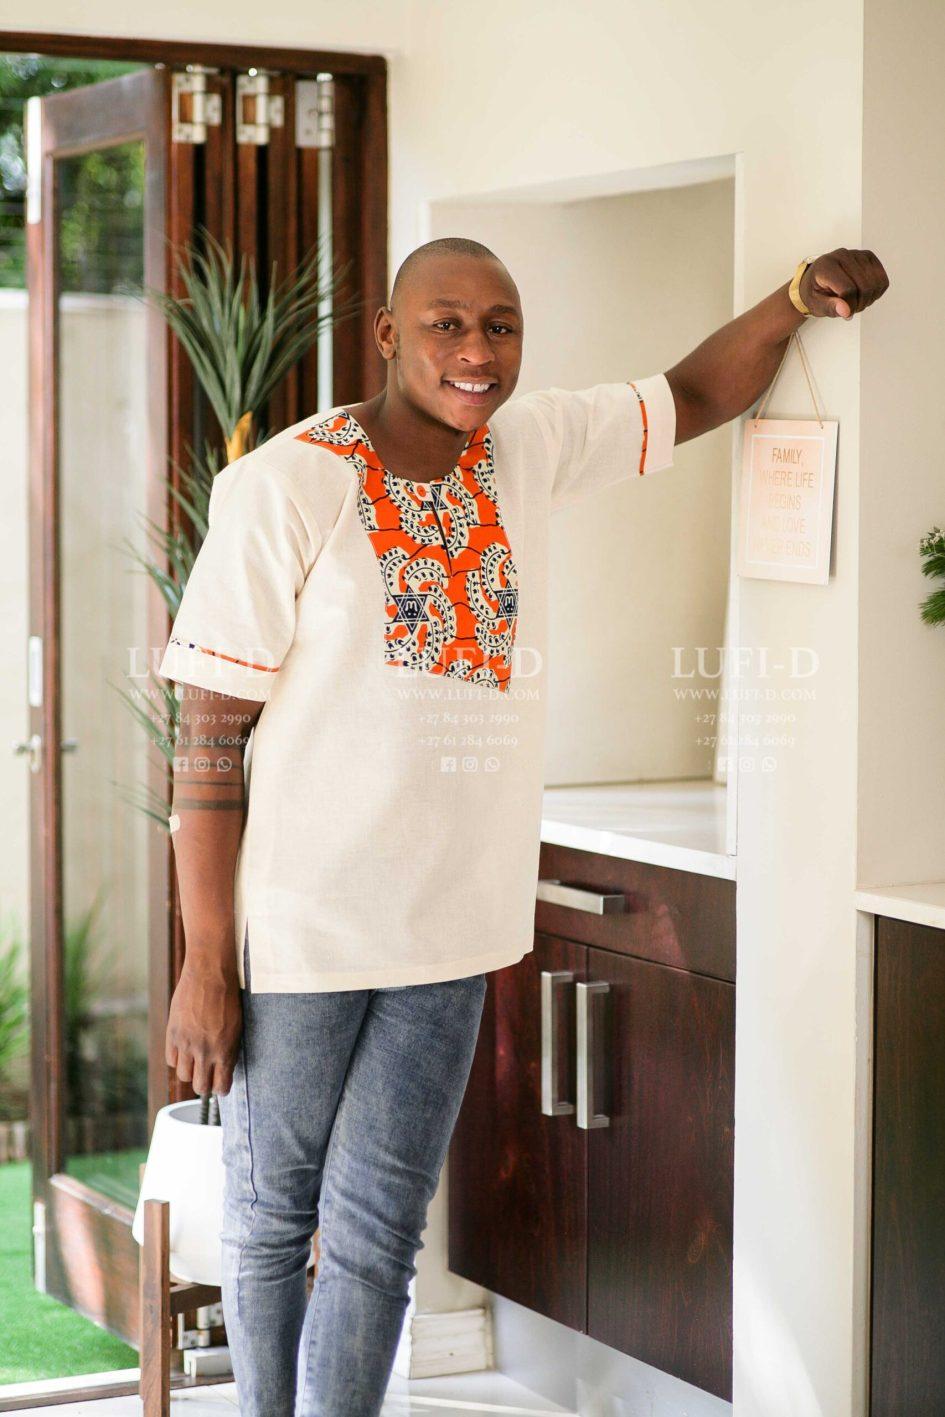 Kwame Shirt